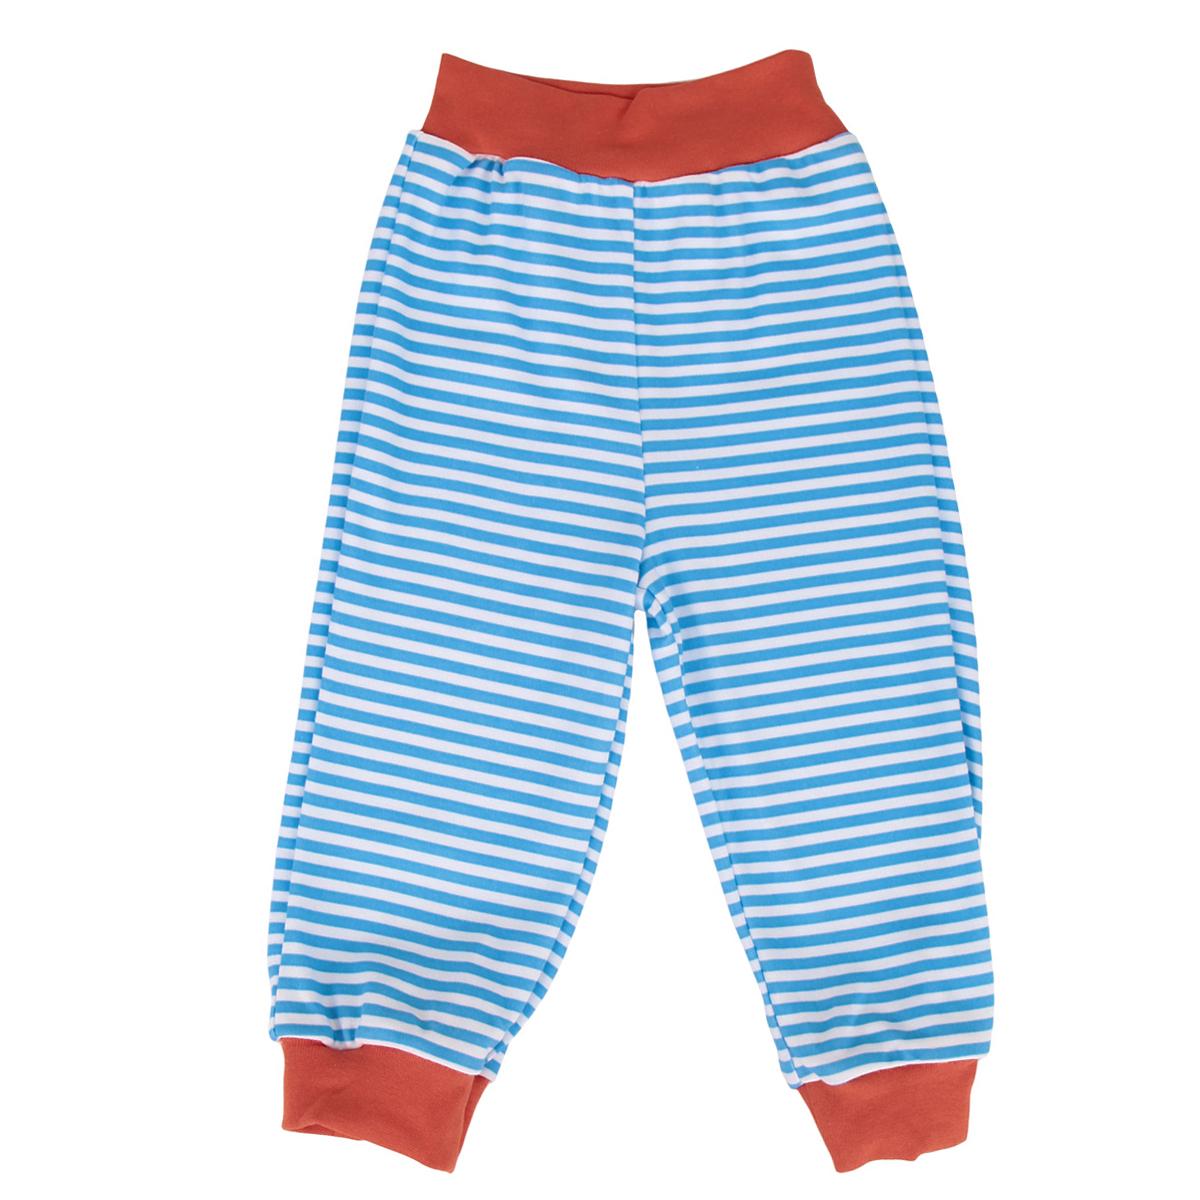 Штанишки на широком поясе для мальчика КотМарКот, цвет: голубой, белый, оранжевый. 3561. Размер 74, 6-9 месяцев3561Удобные штанишки для мальчика КотМарКот на широком поясе послужат идеальным дополнением к гардеробу вашего малыша. Штанишки, изготовленные натурального хлопка, они необычайно мягкие и легкие, хорошо вентилируются, совершенно не сковывают движений и не раздражают нежную кожу ребенка. Штанишки, благодаря широкому эластичному поясу, не сдавливают животик ребенка и не сползают, обеспечивая ему наибольший комфорт. Они идеально подходят для ношения с подгузником и без него. Модель оформлена принтом в полоску. Низ штанин дополнен эластичными манжетами. Штанишки очень удобный и практичный вид одежды для малышей, которые уже немного подросли. Отлично сочетаются с футболками, кофточками и боди.В таких штанишках вашему малышу будет уютно и комфортно!